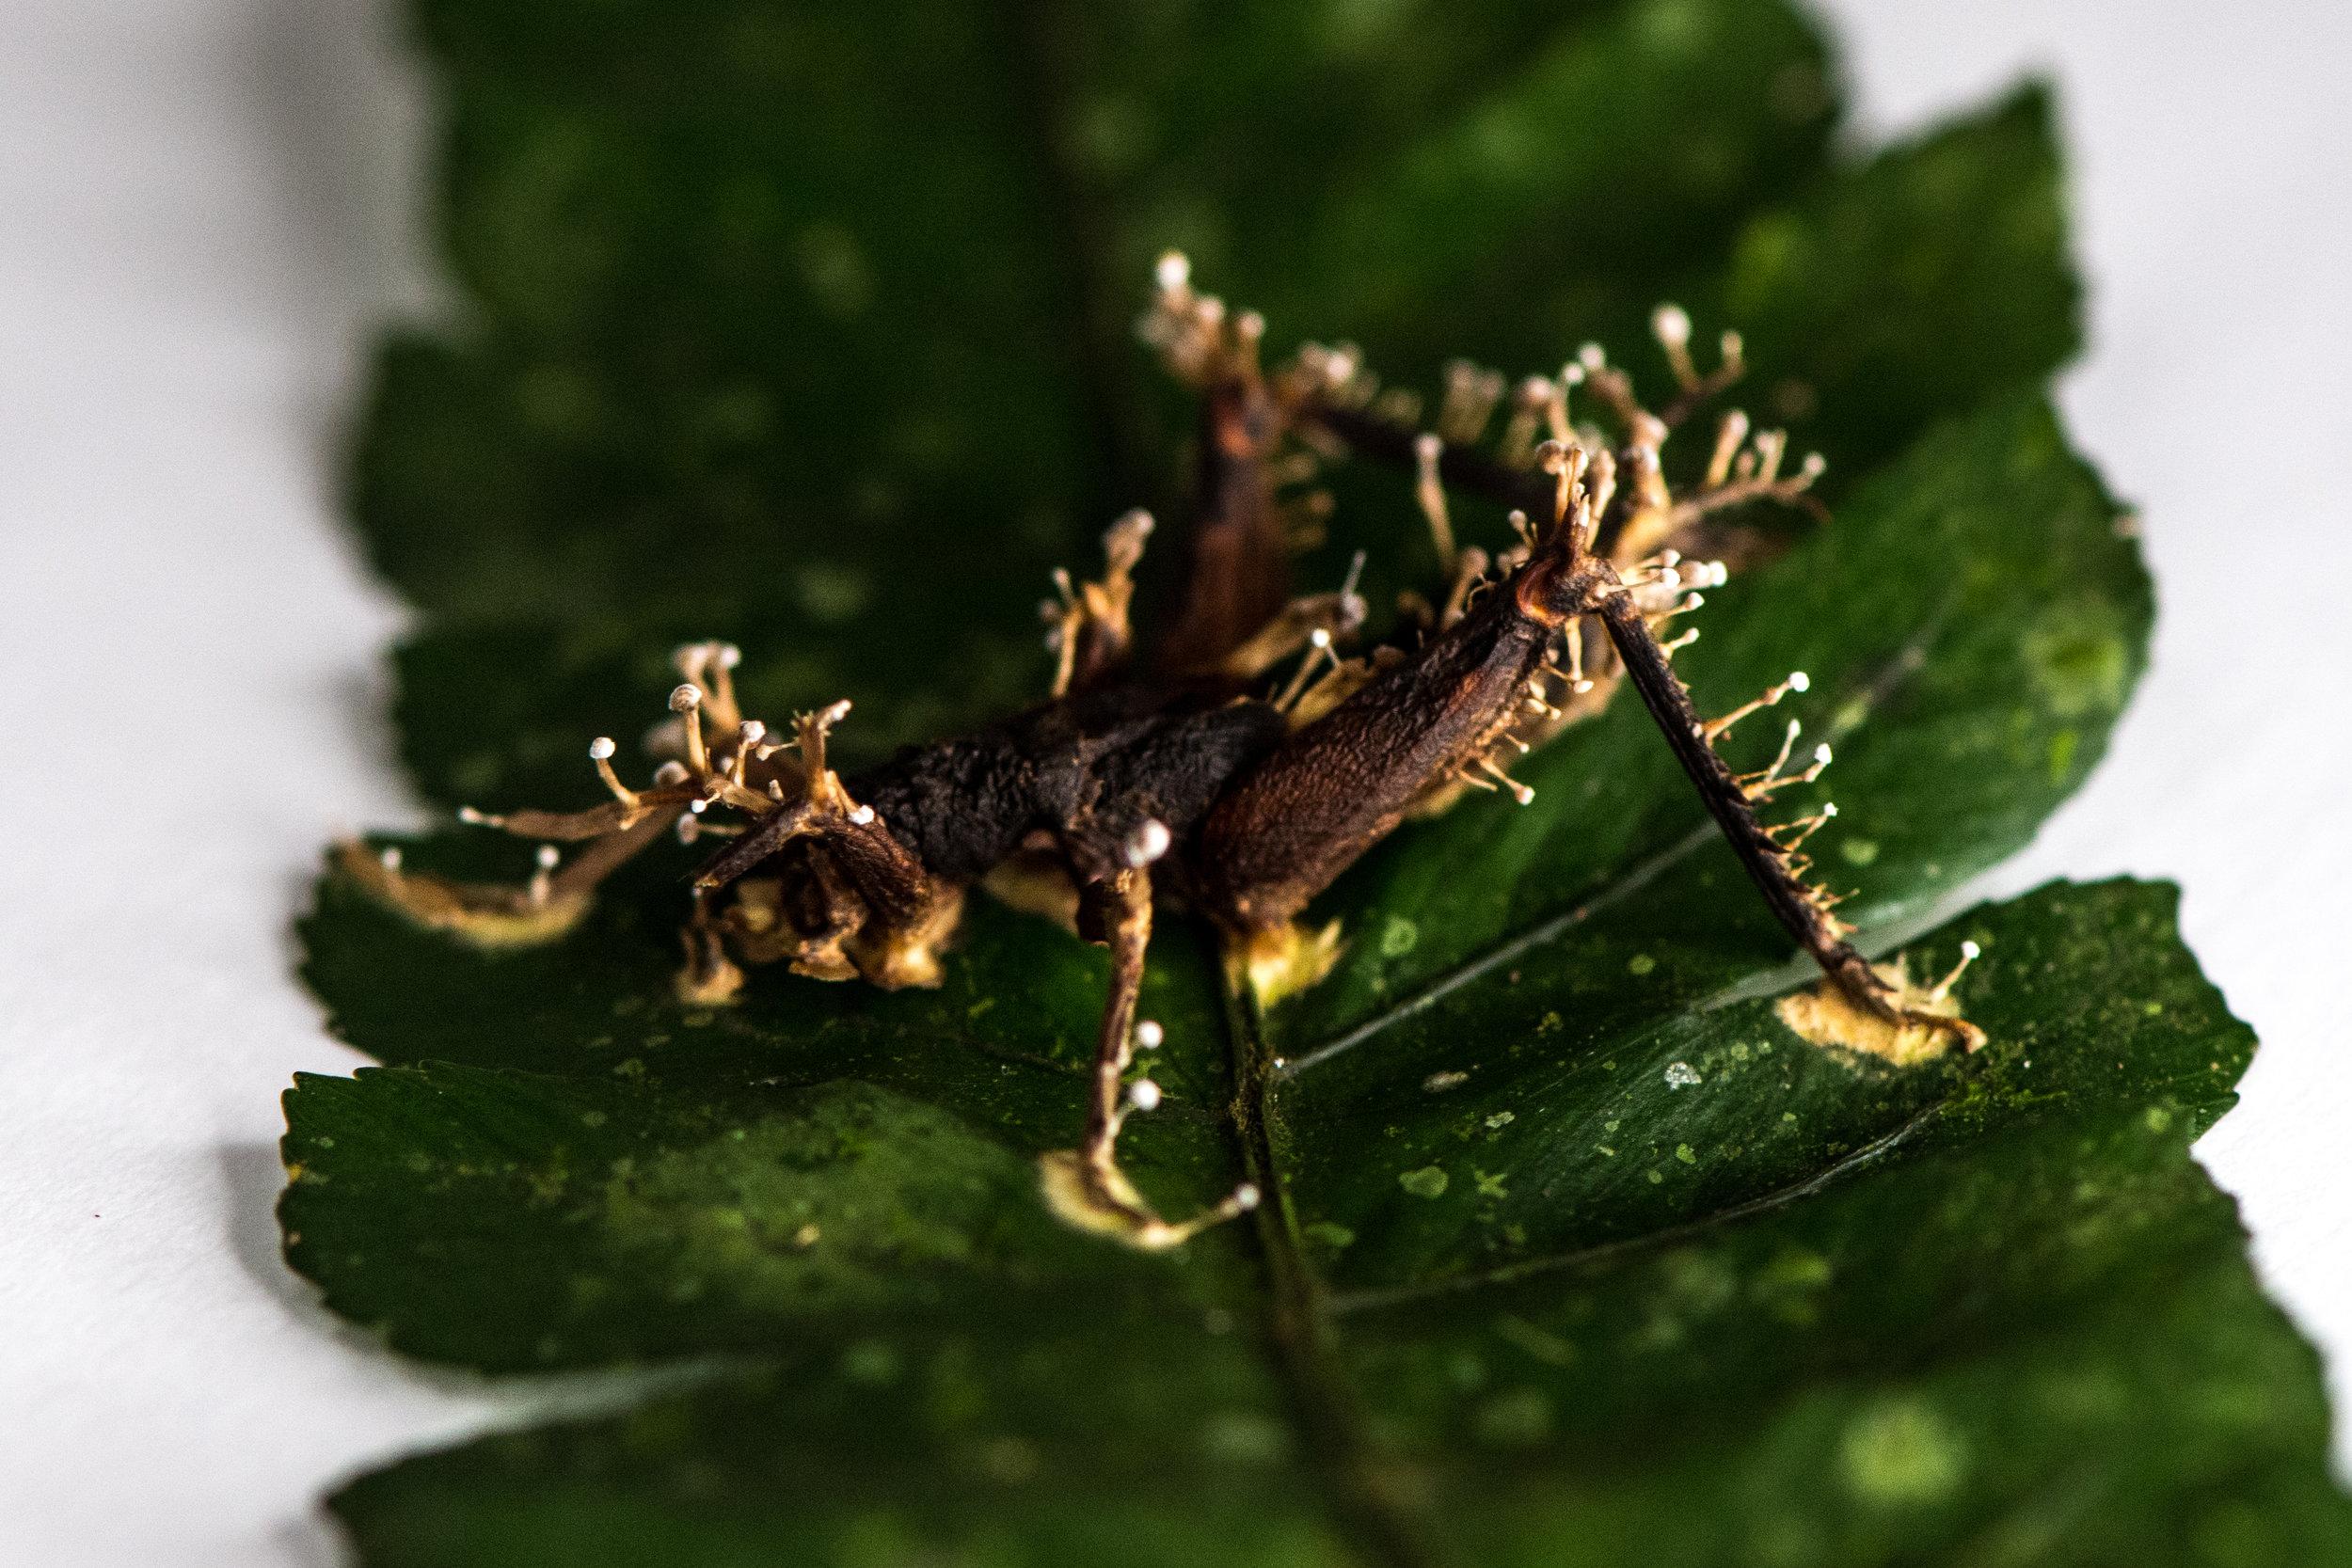 cordyceps-eilidh-munro